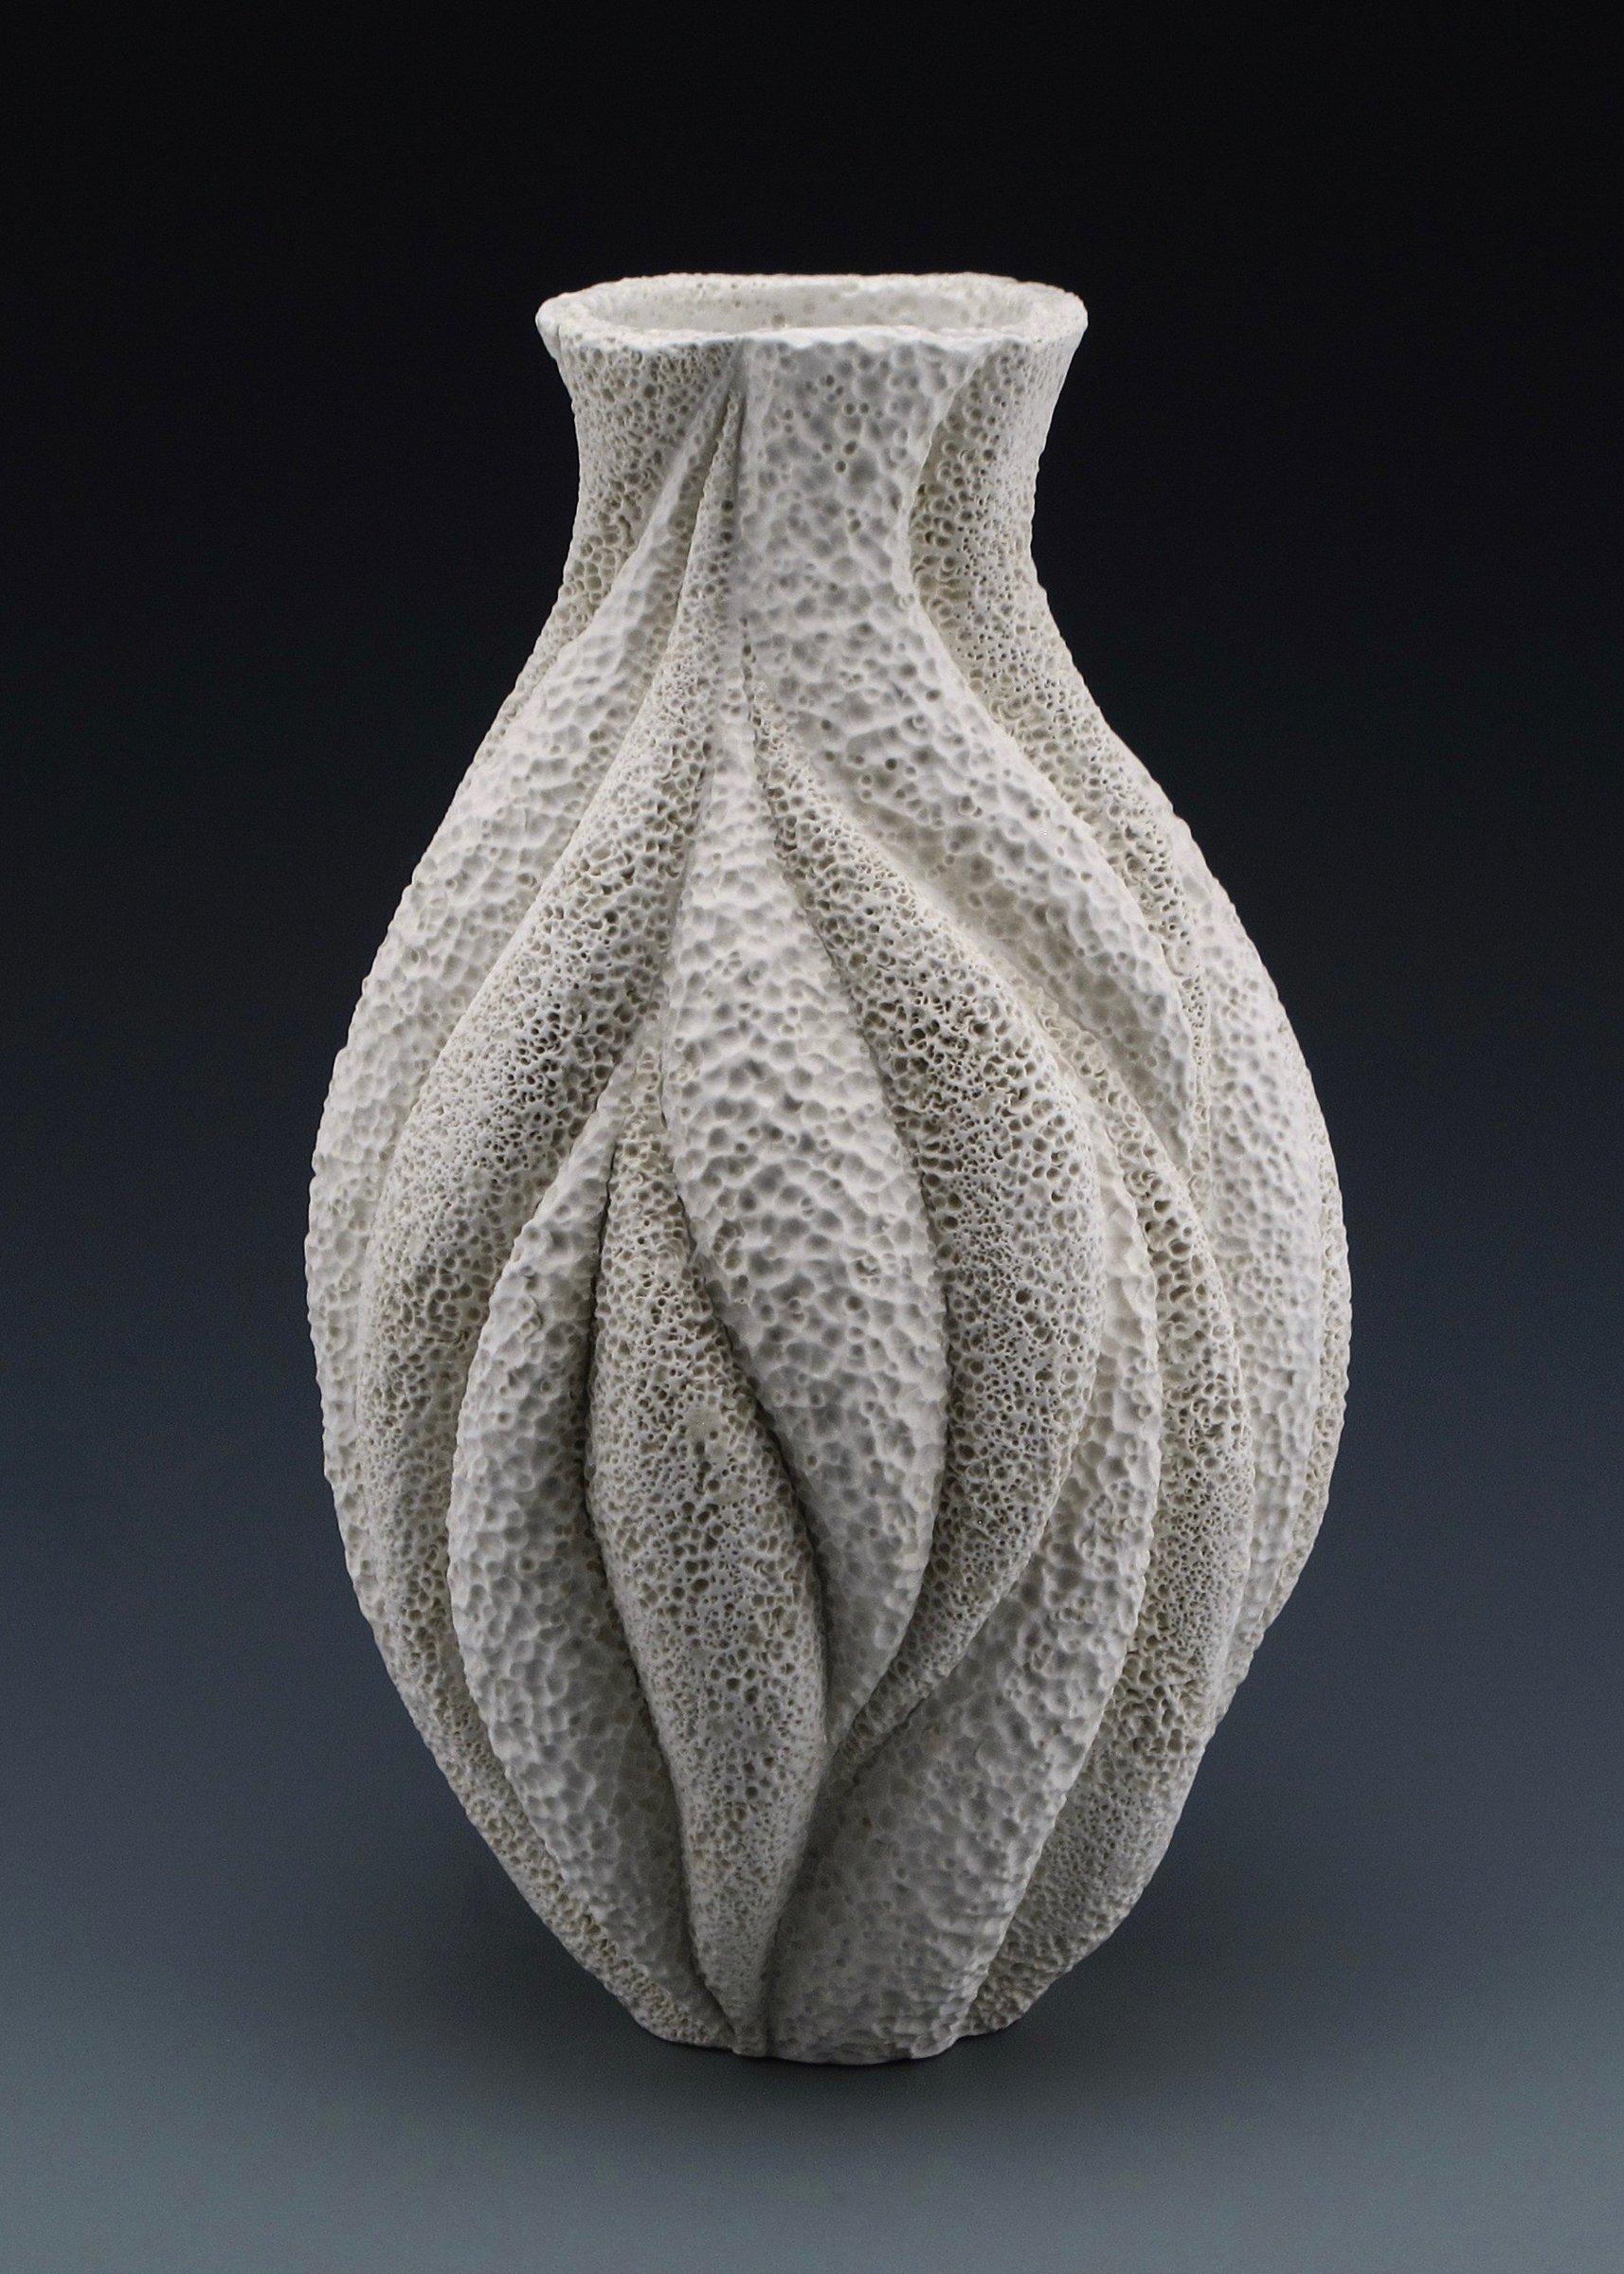 Marissa Coastal Texture Wave Vase by Judi Tavill (Ceramic